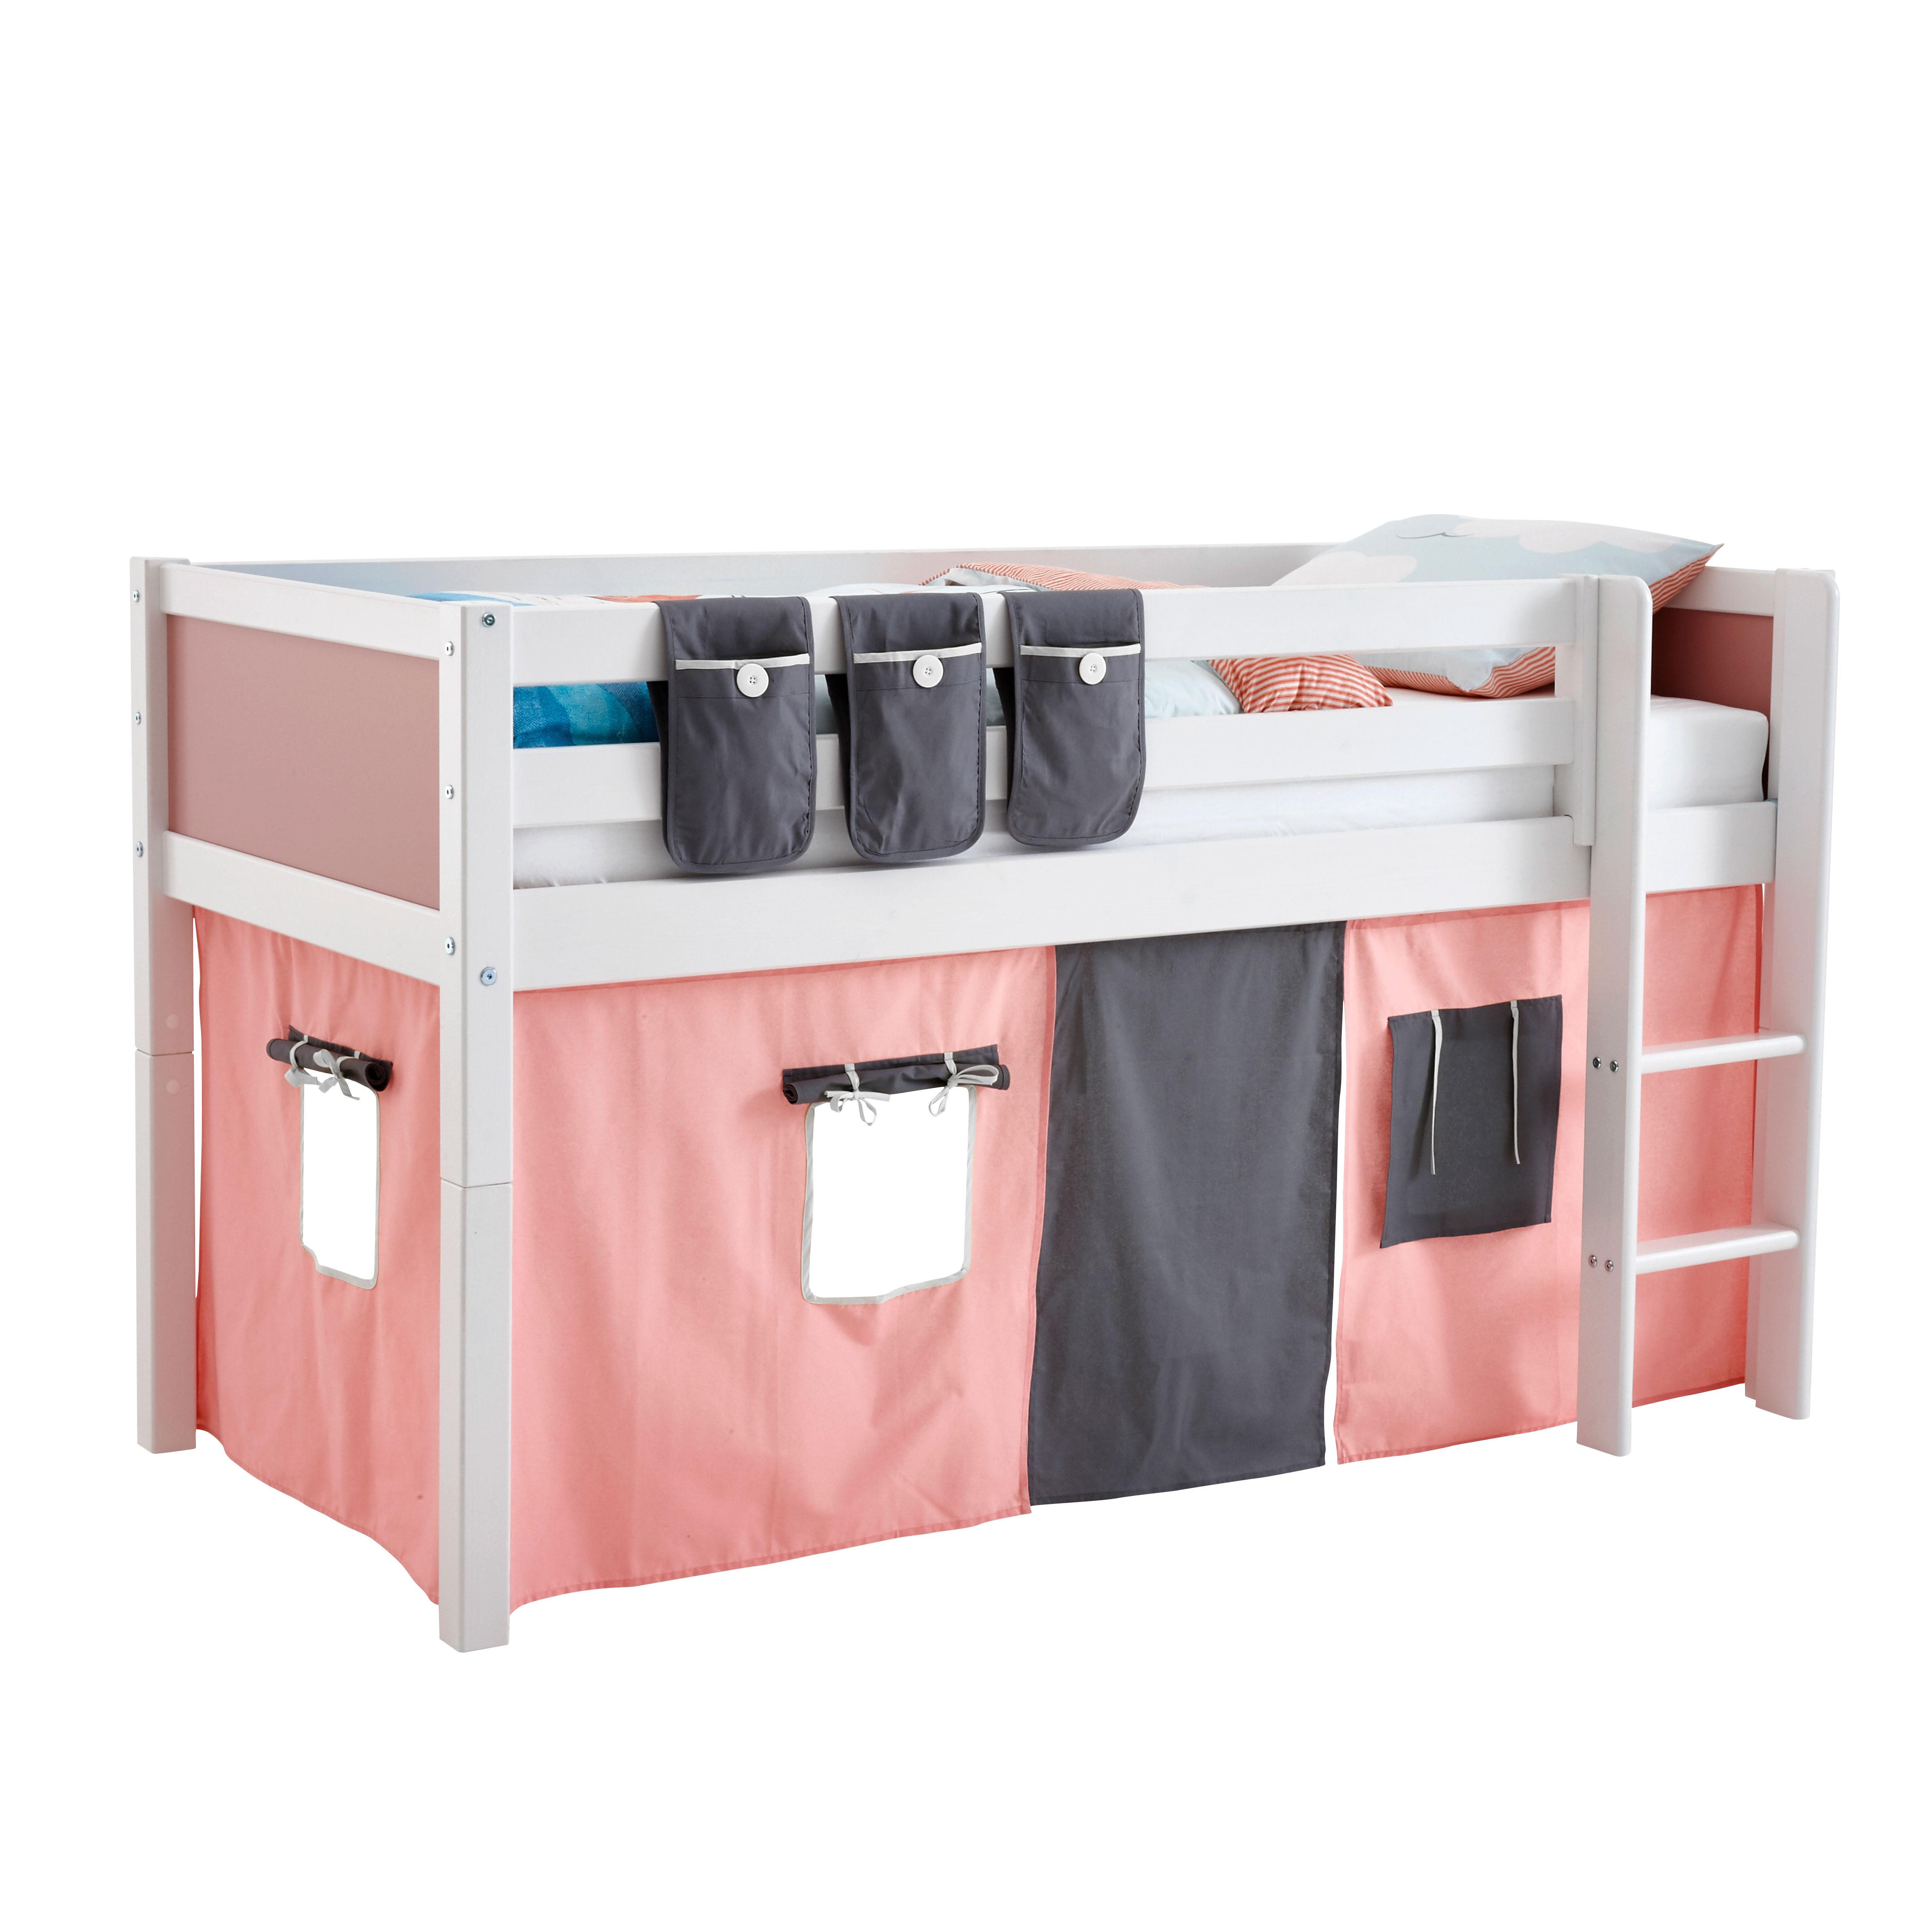 Billede af Flexa Basic legeforhæng til halvhøj seng - Pink